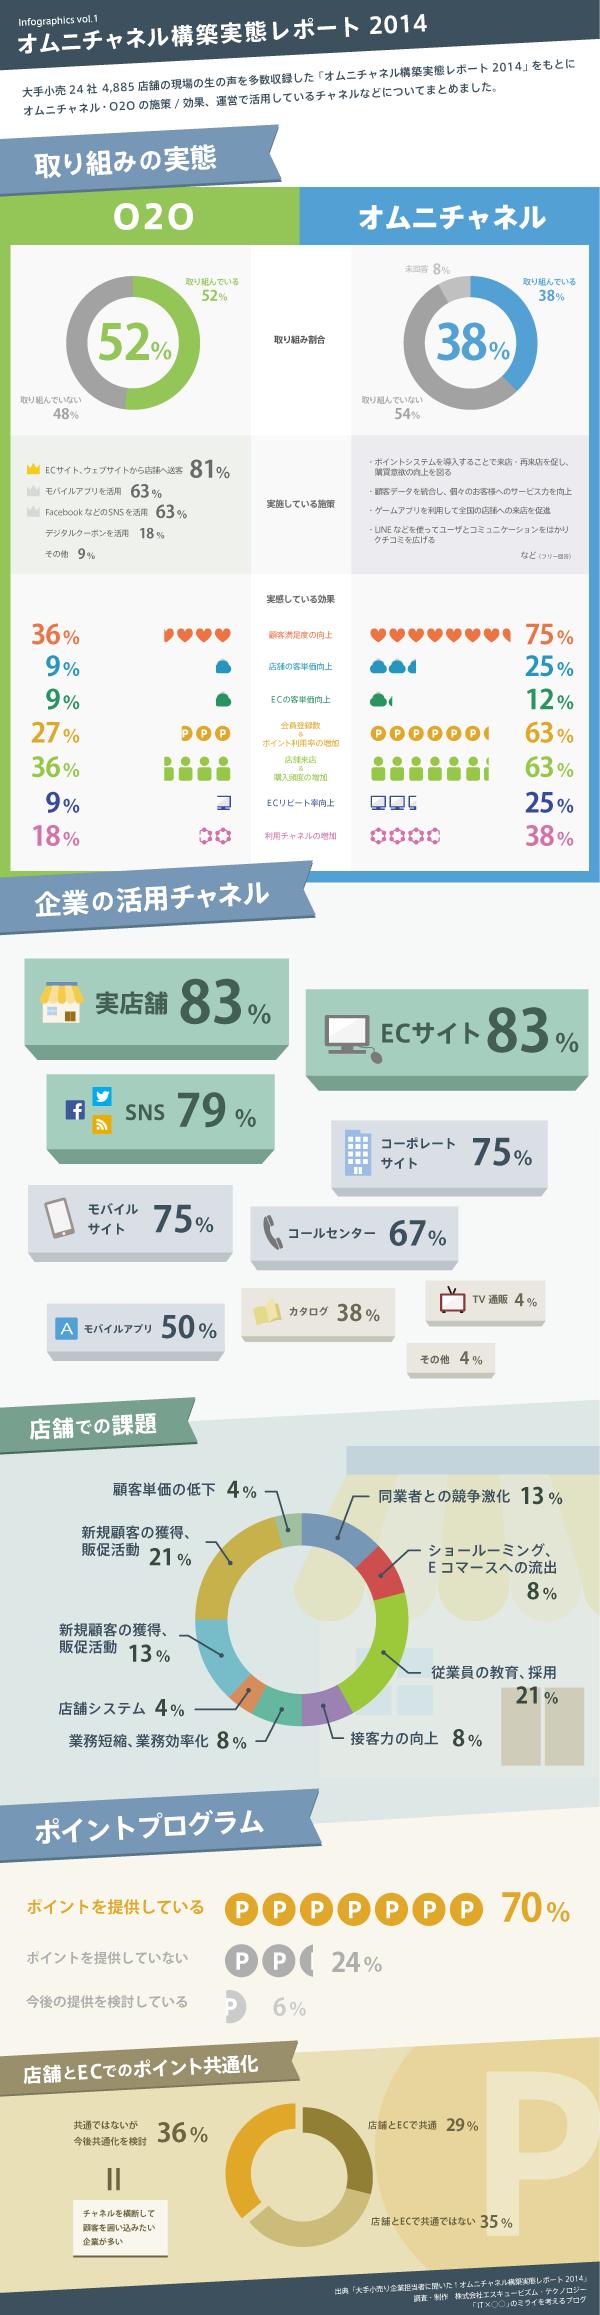 オムニチャネル構築実態レポート2014